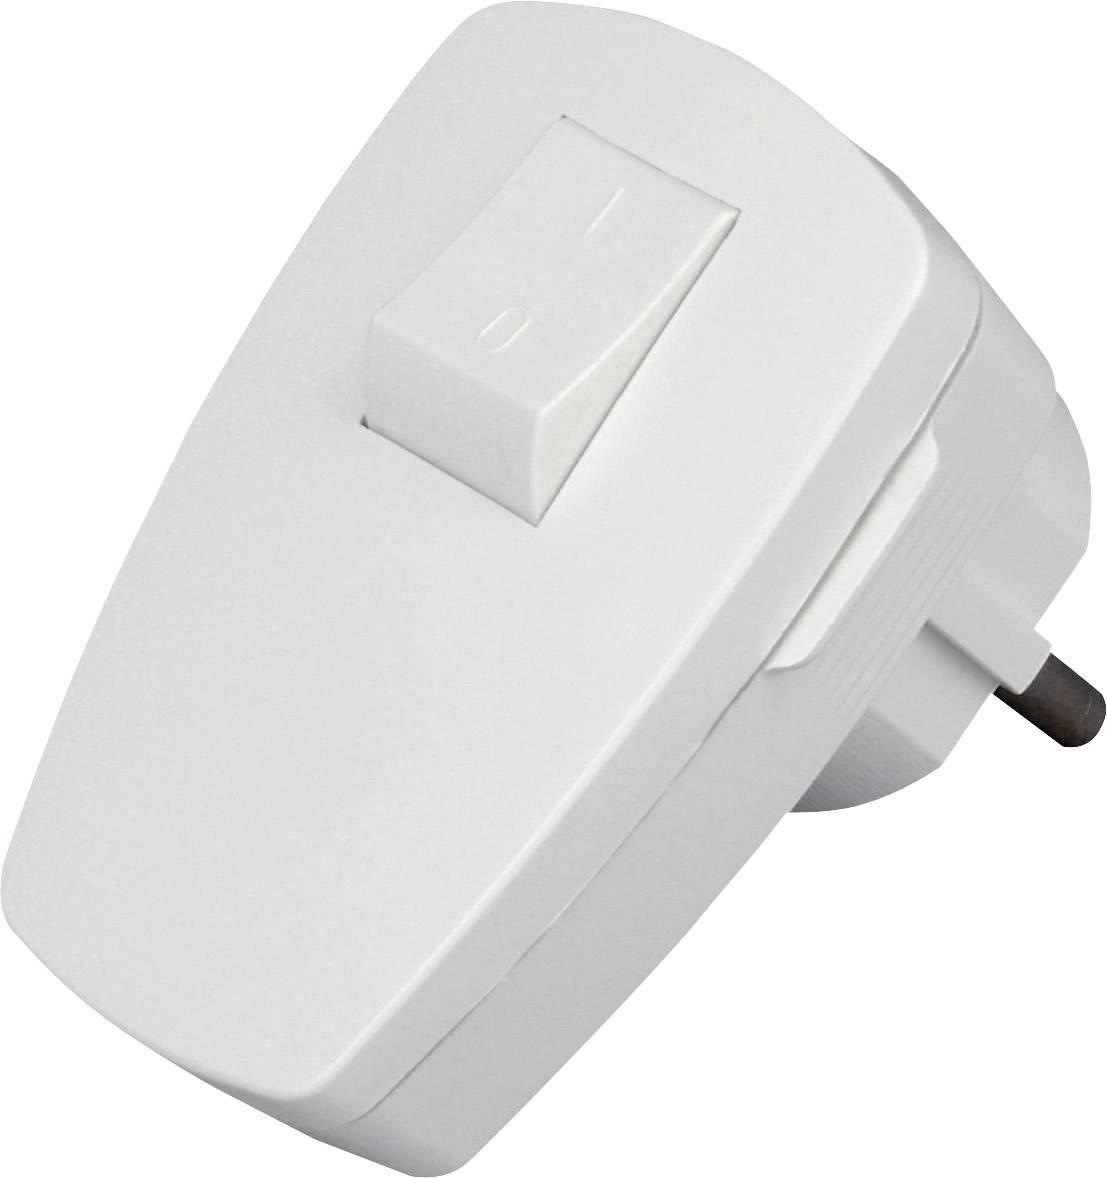 Úhlová zástrčka SchuKo Kopp 170402006, umelá hmota, IP20, 230 V, biela